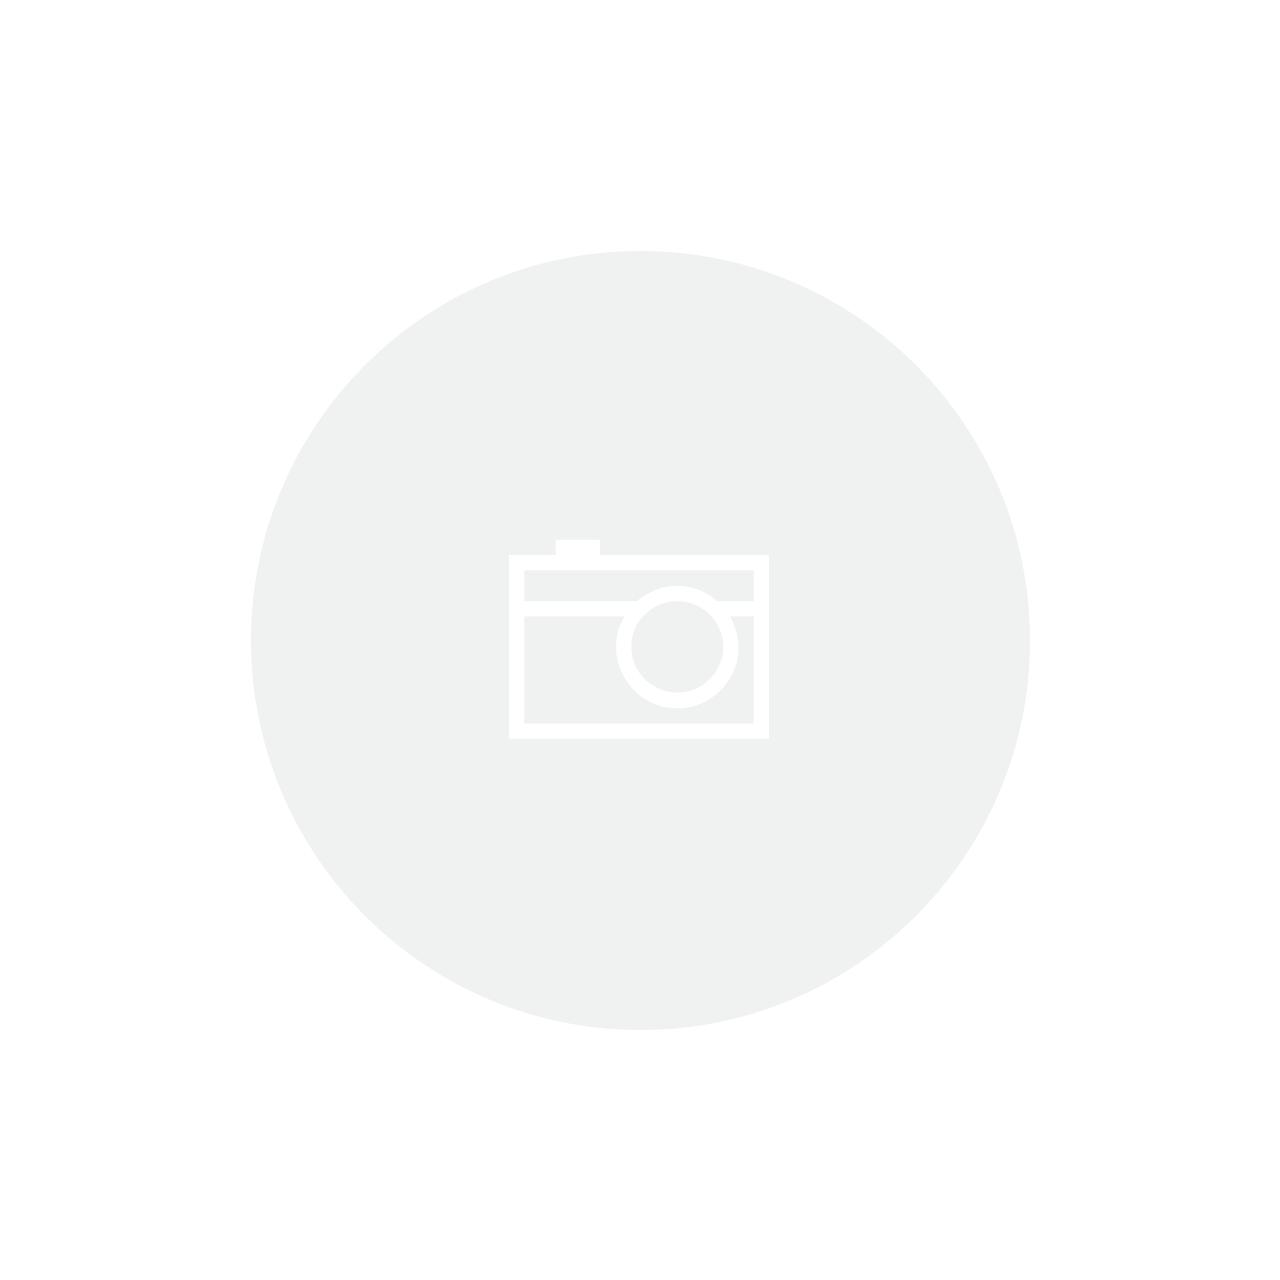 Casaco Pele Cinza com Tricot  036if18